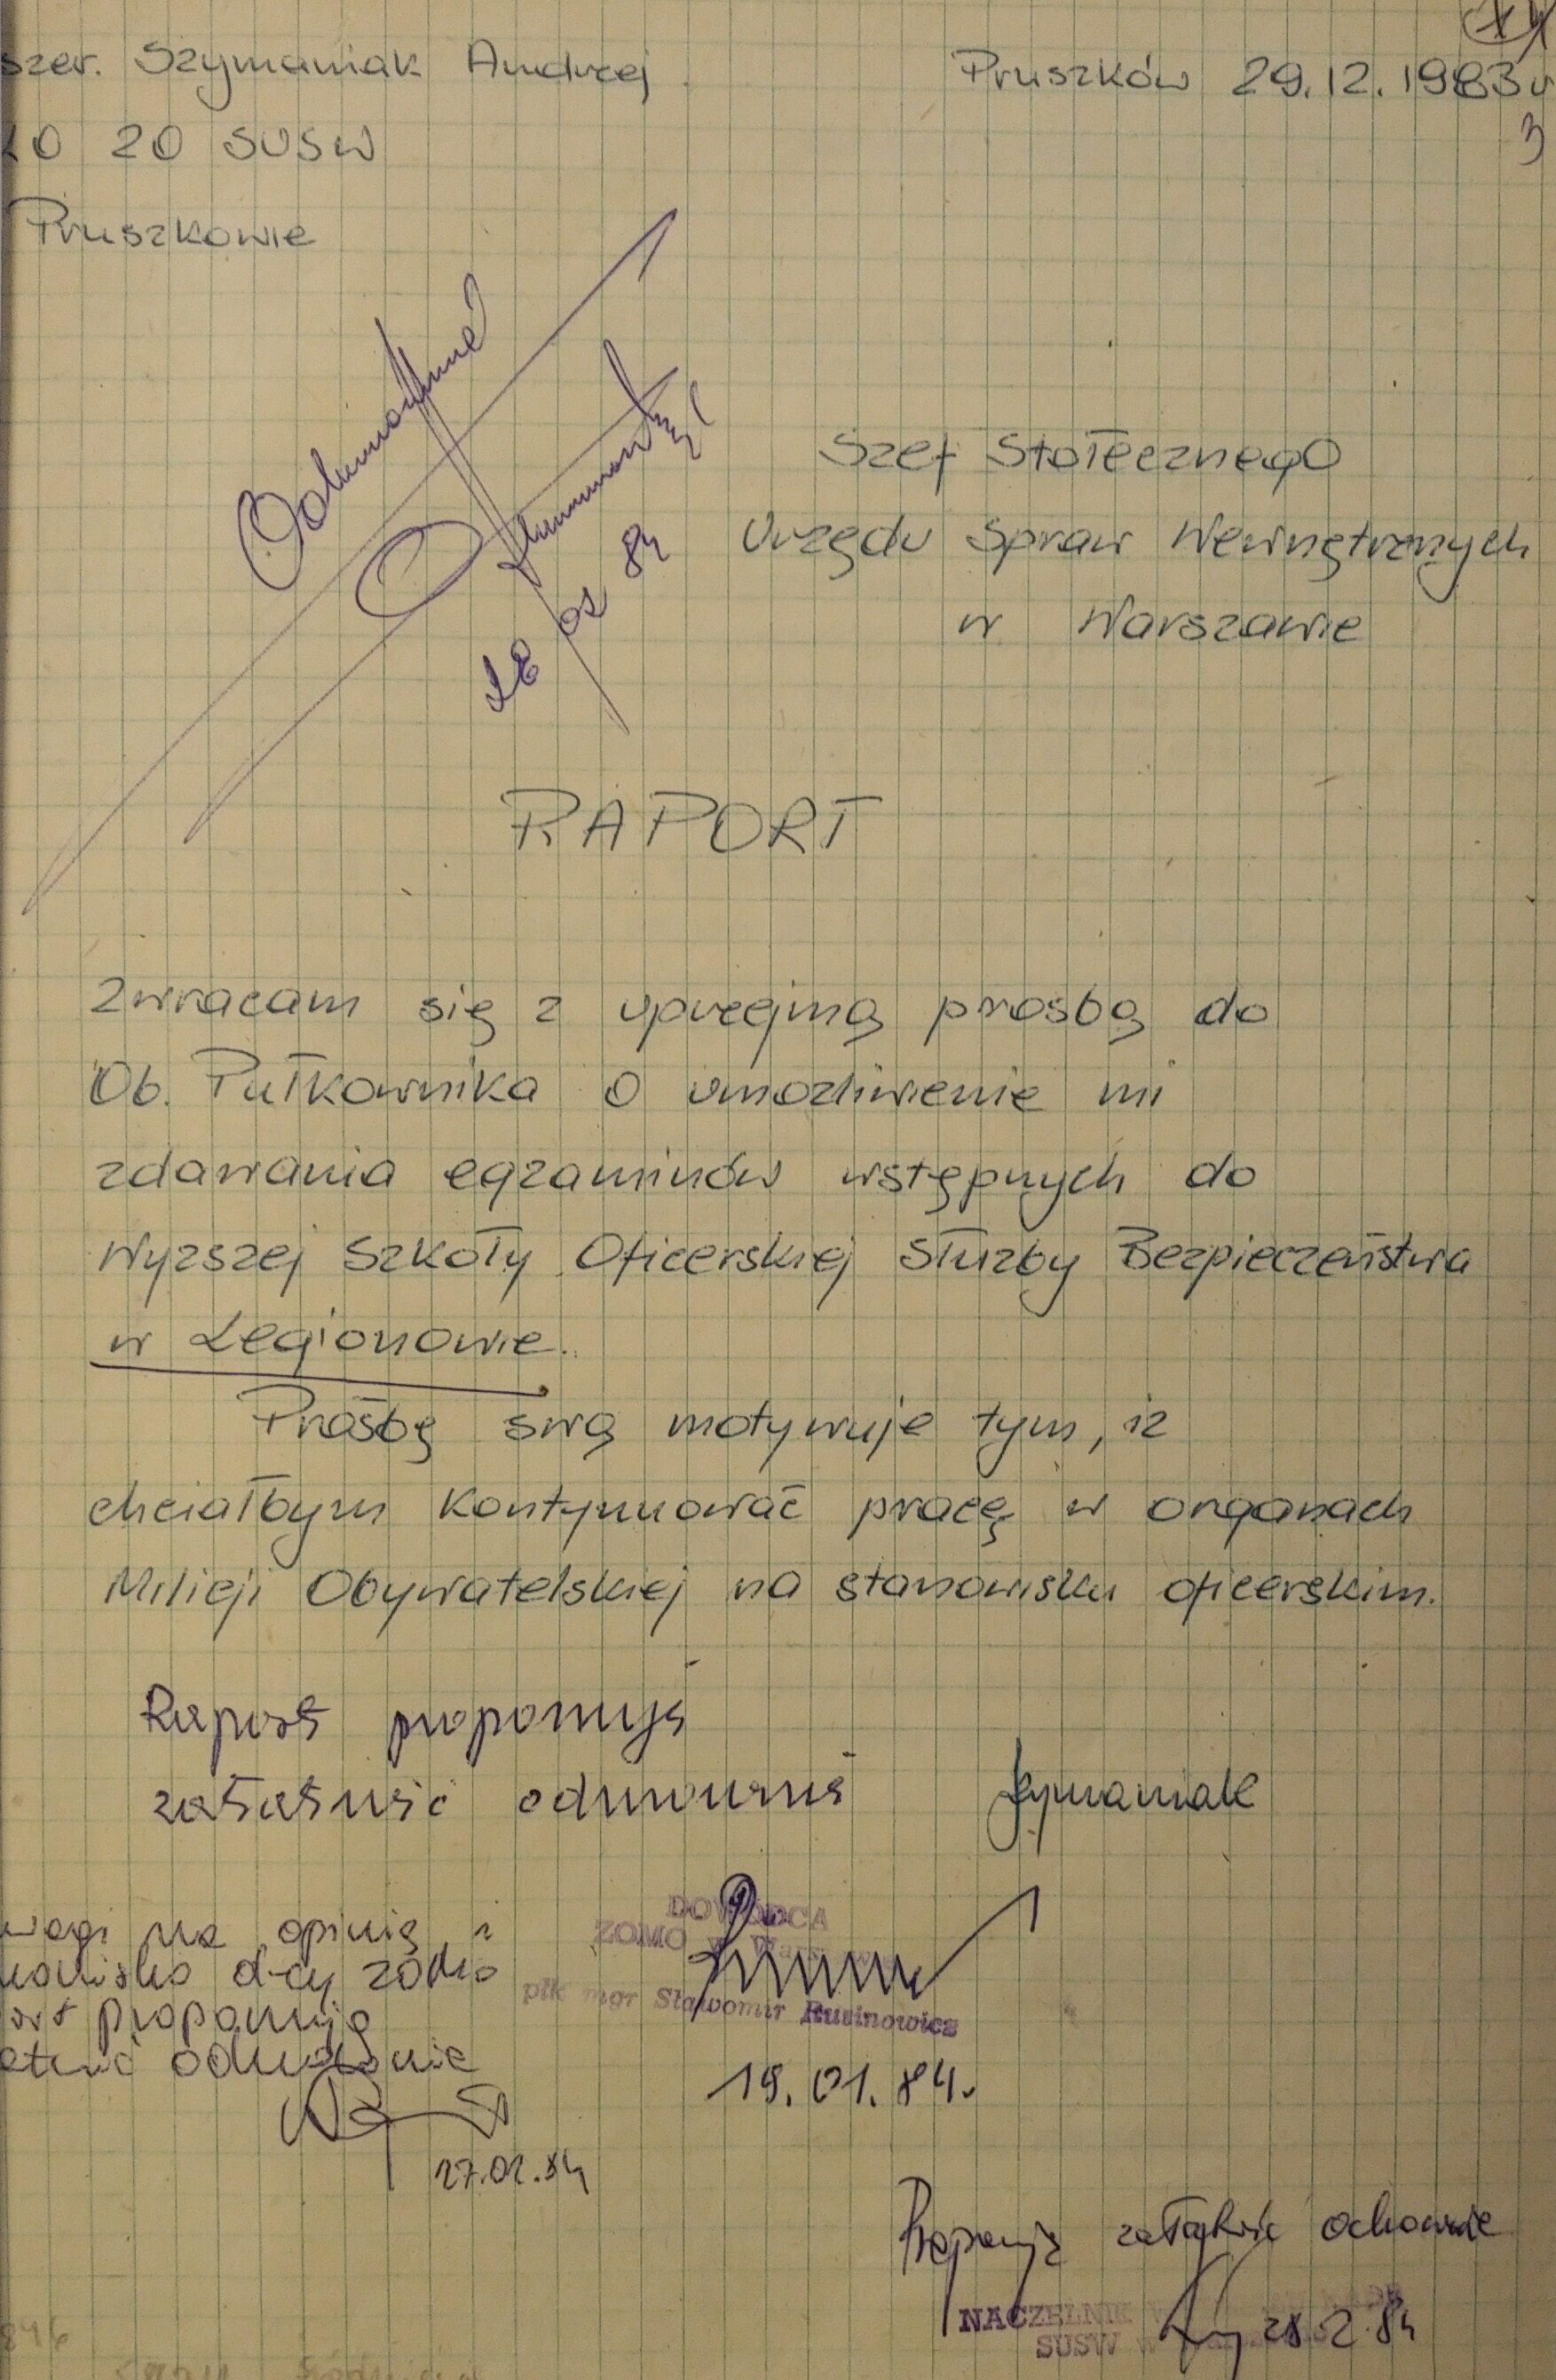 Andrzej Szymaniak - dokumenty